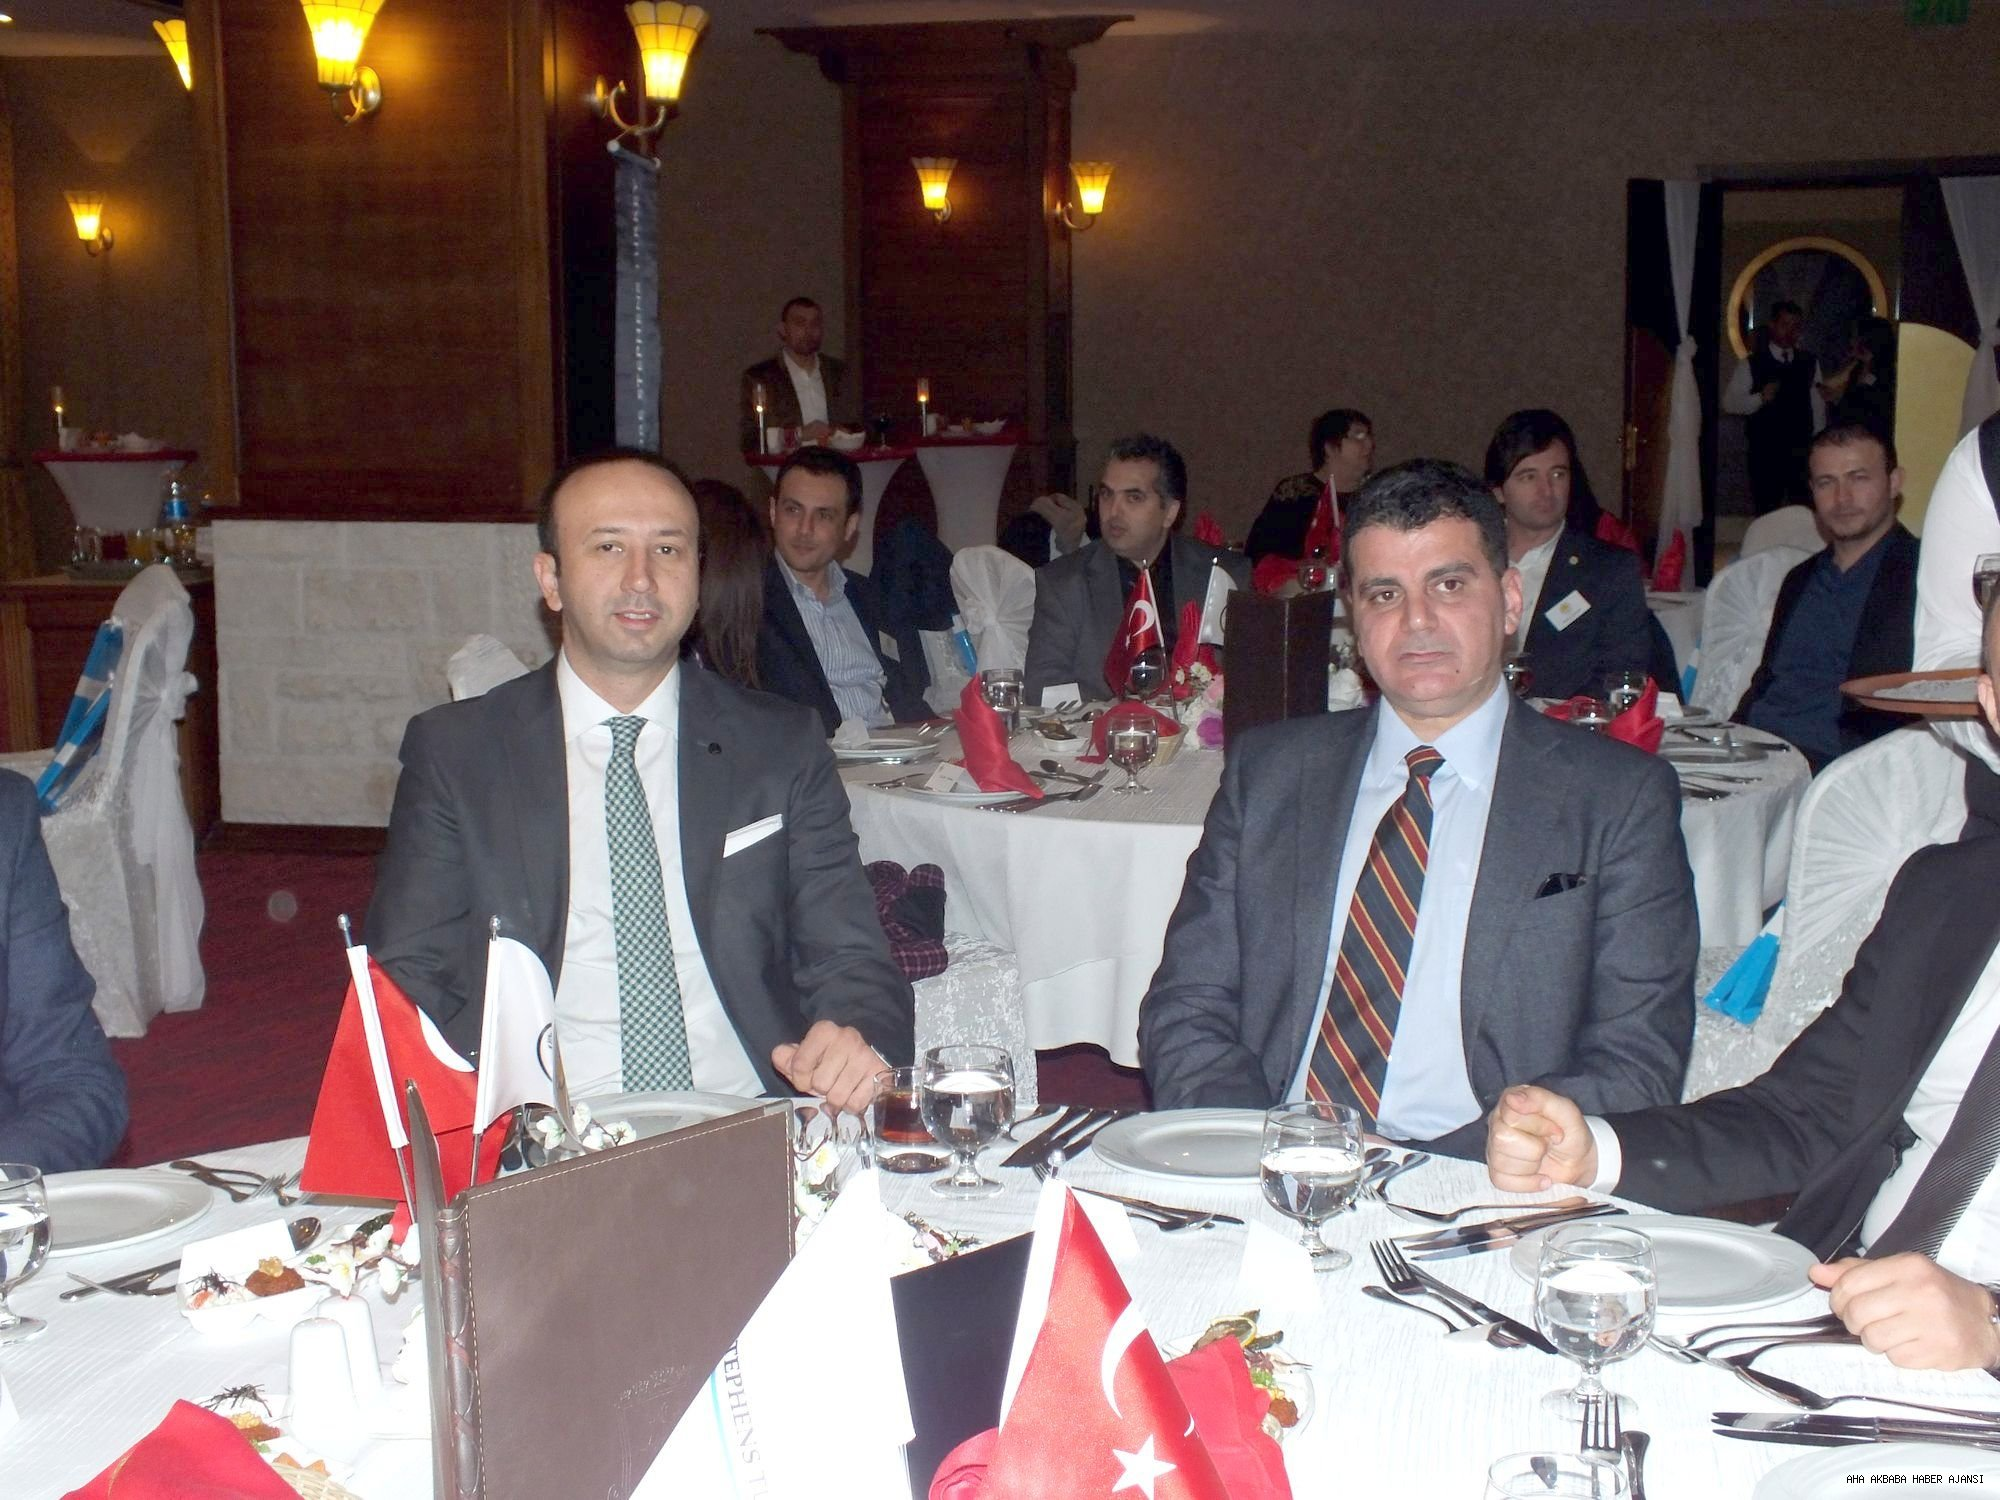 YÖRSİAD Toplantısı Porto Bello Otel'de Gerçekleştirildi